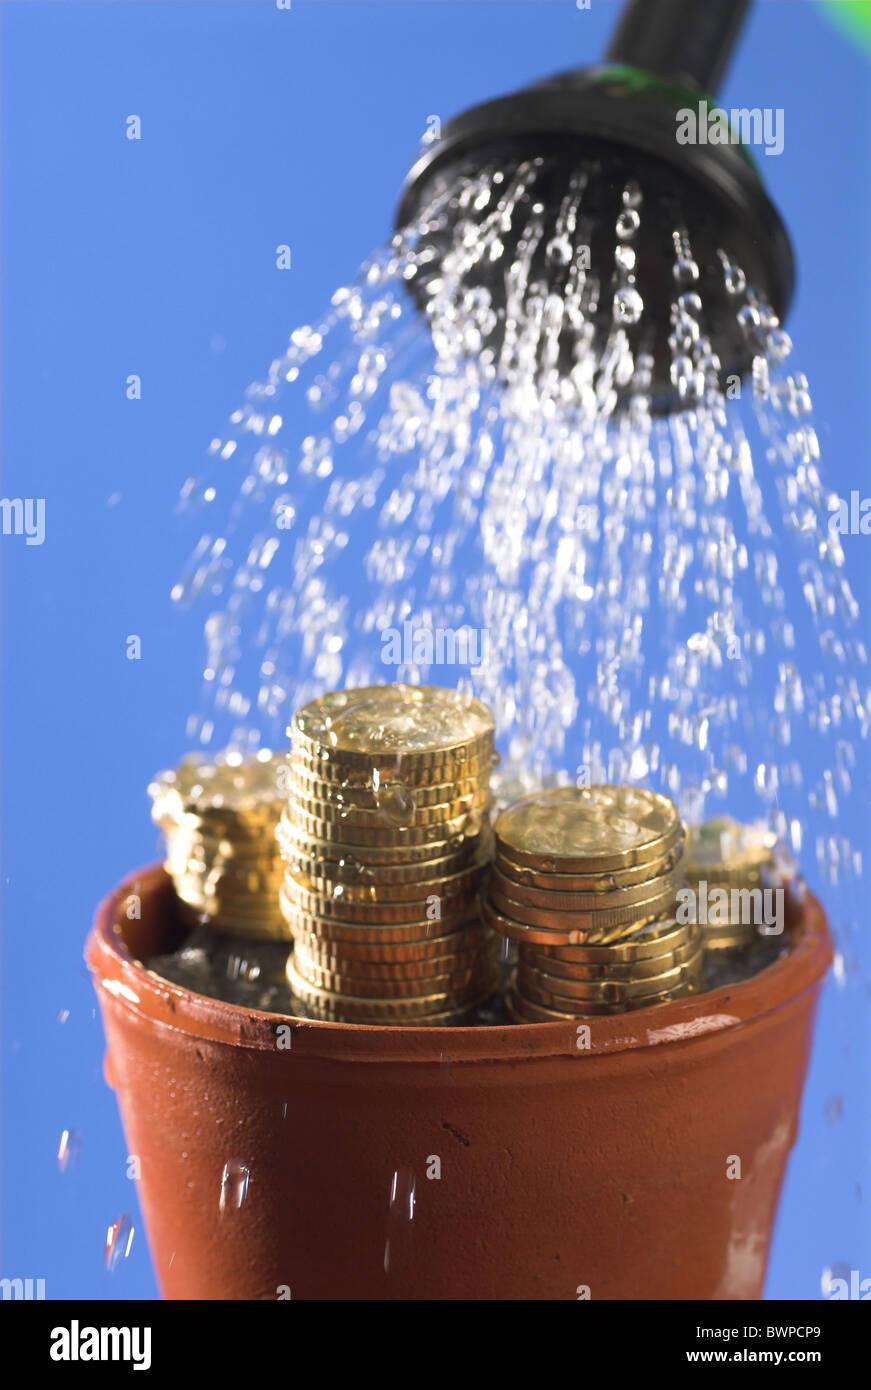 Symbole blanchiment Concept pot de fleurs Coins Coins DOUCHE La douche eau Monnaie Finances sprinkleur F Photo Stock